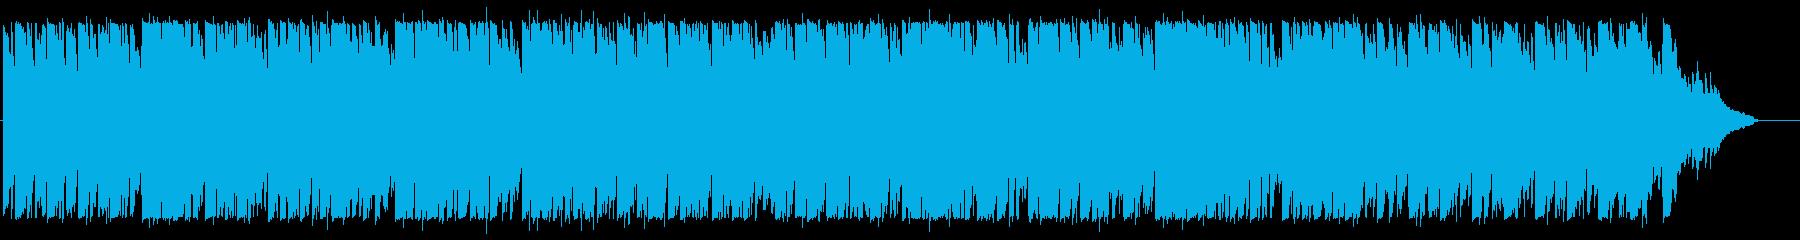 優しいリコーダーポップの再生済みの波形